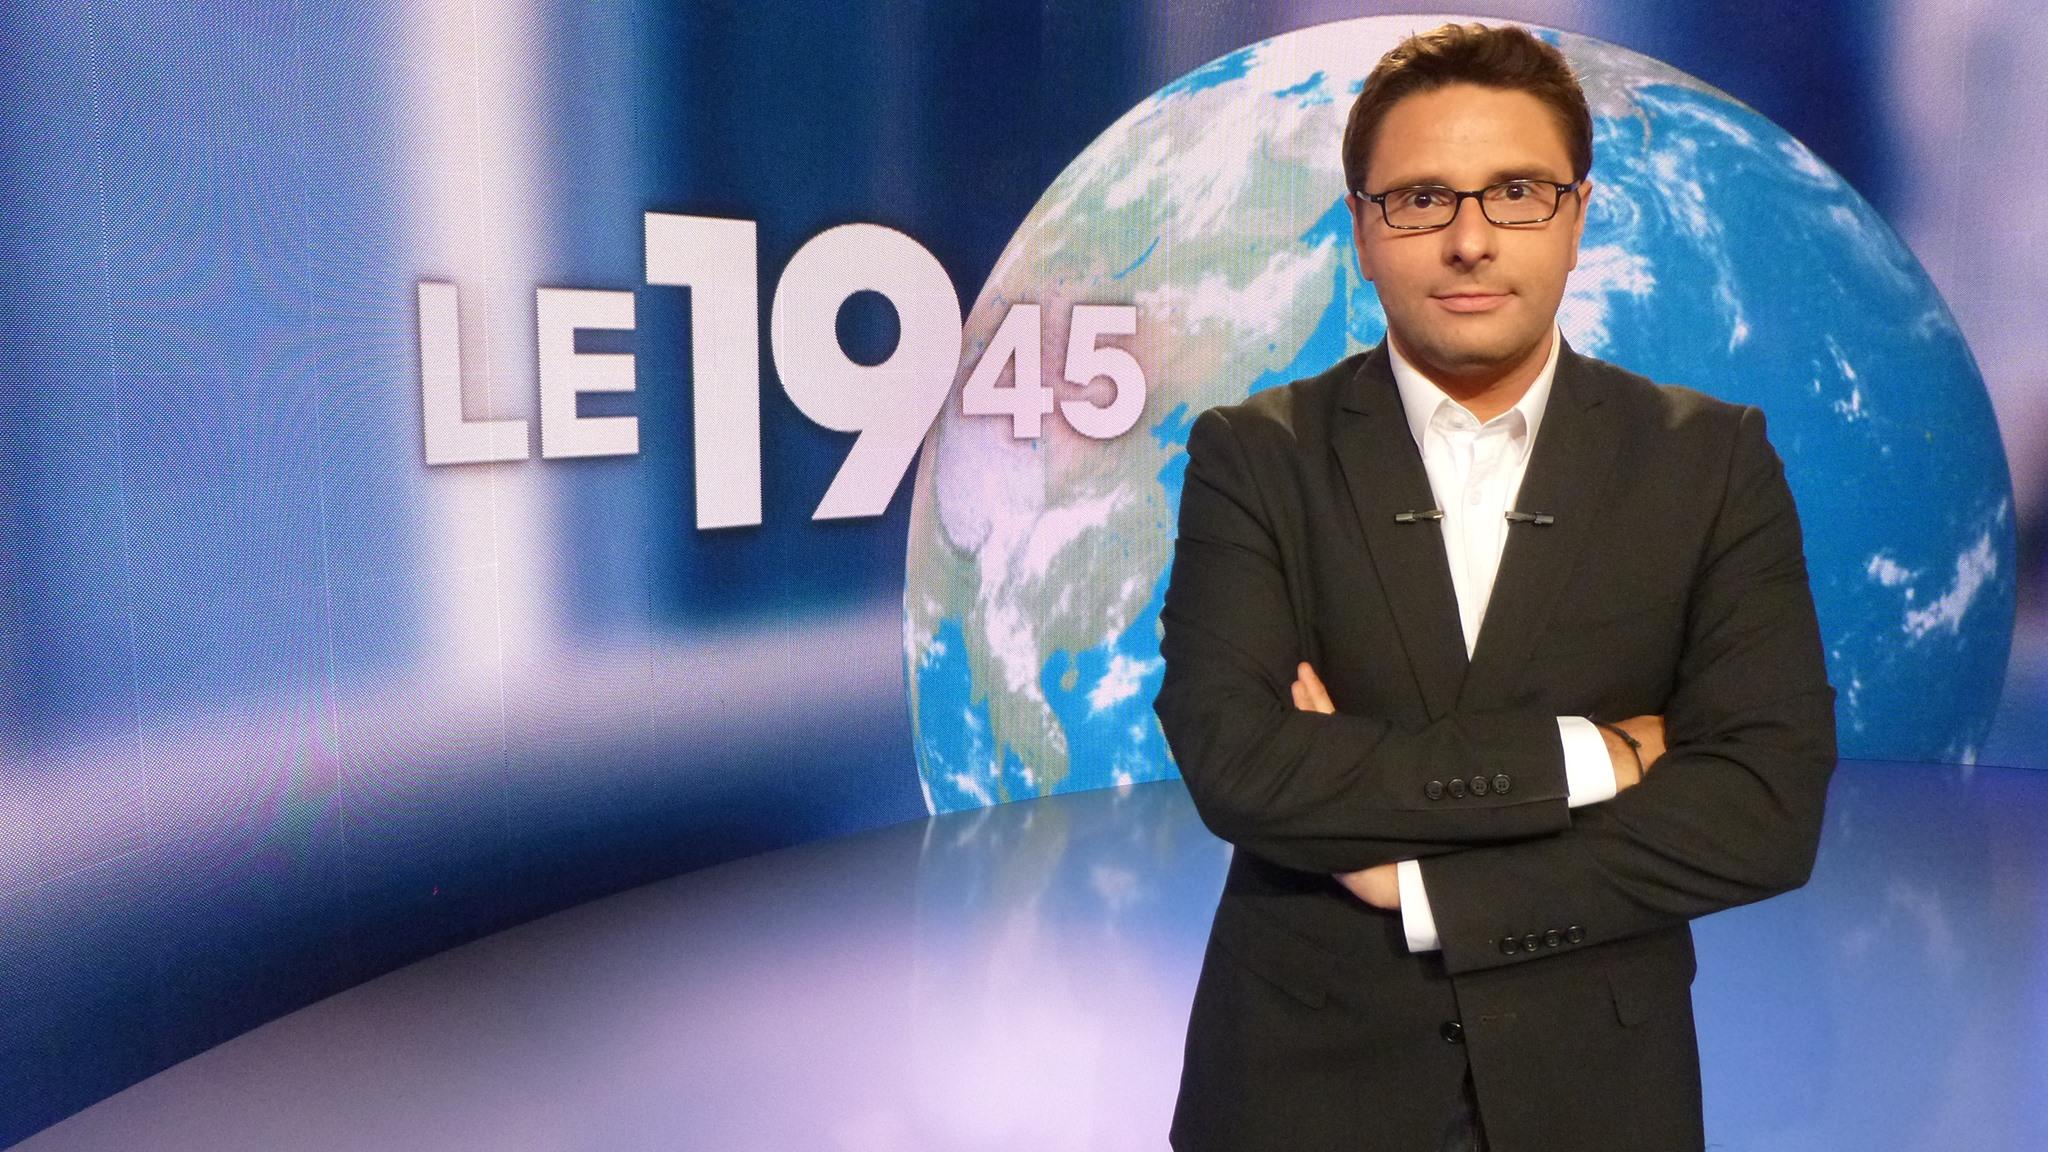 Franck Edard présente la rubrique « Expliquez-nous » du 19/45 sur M6